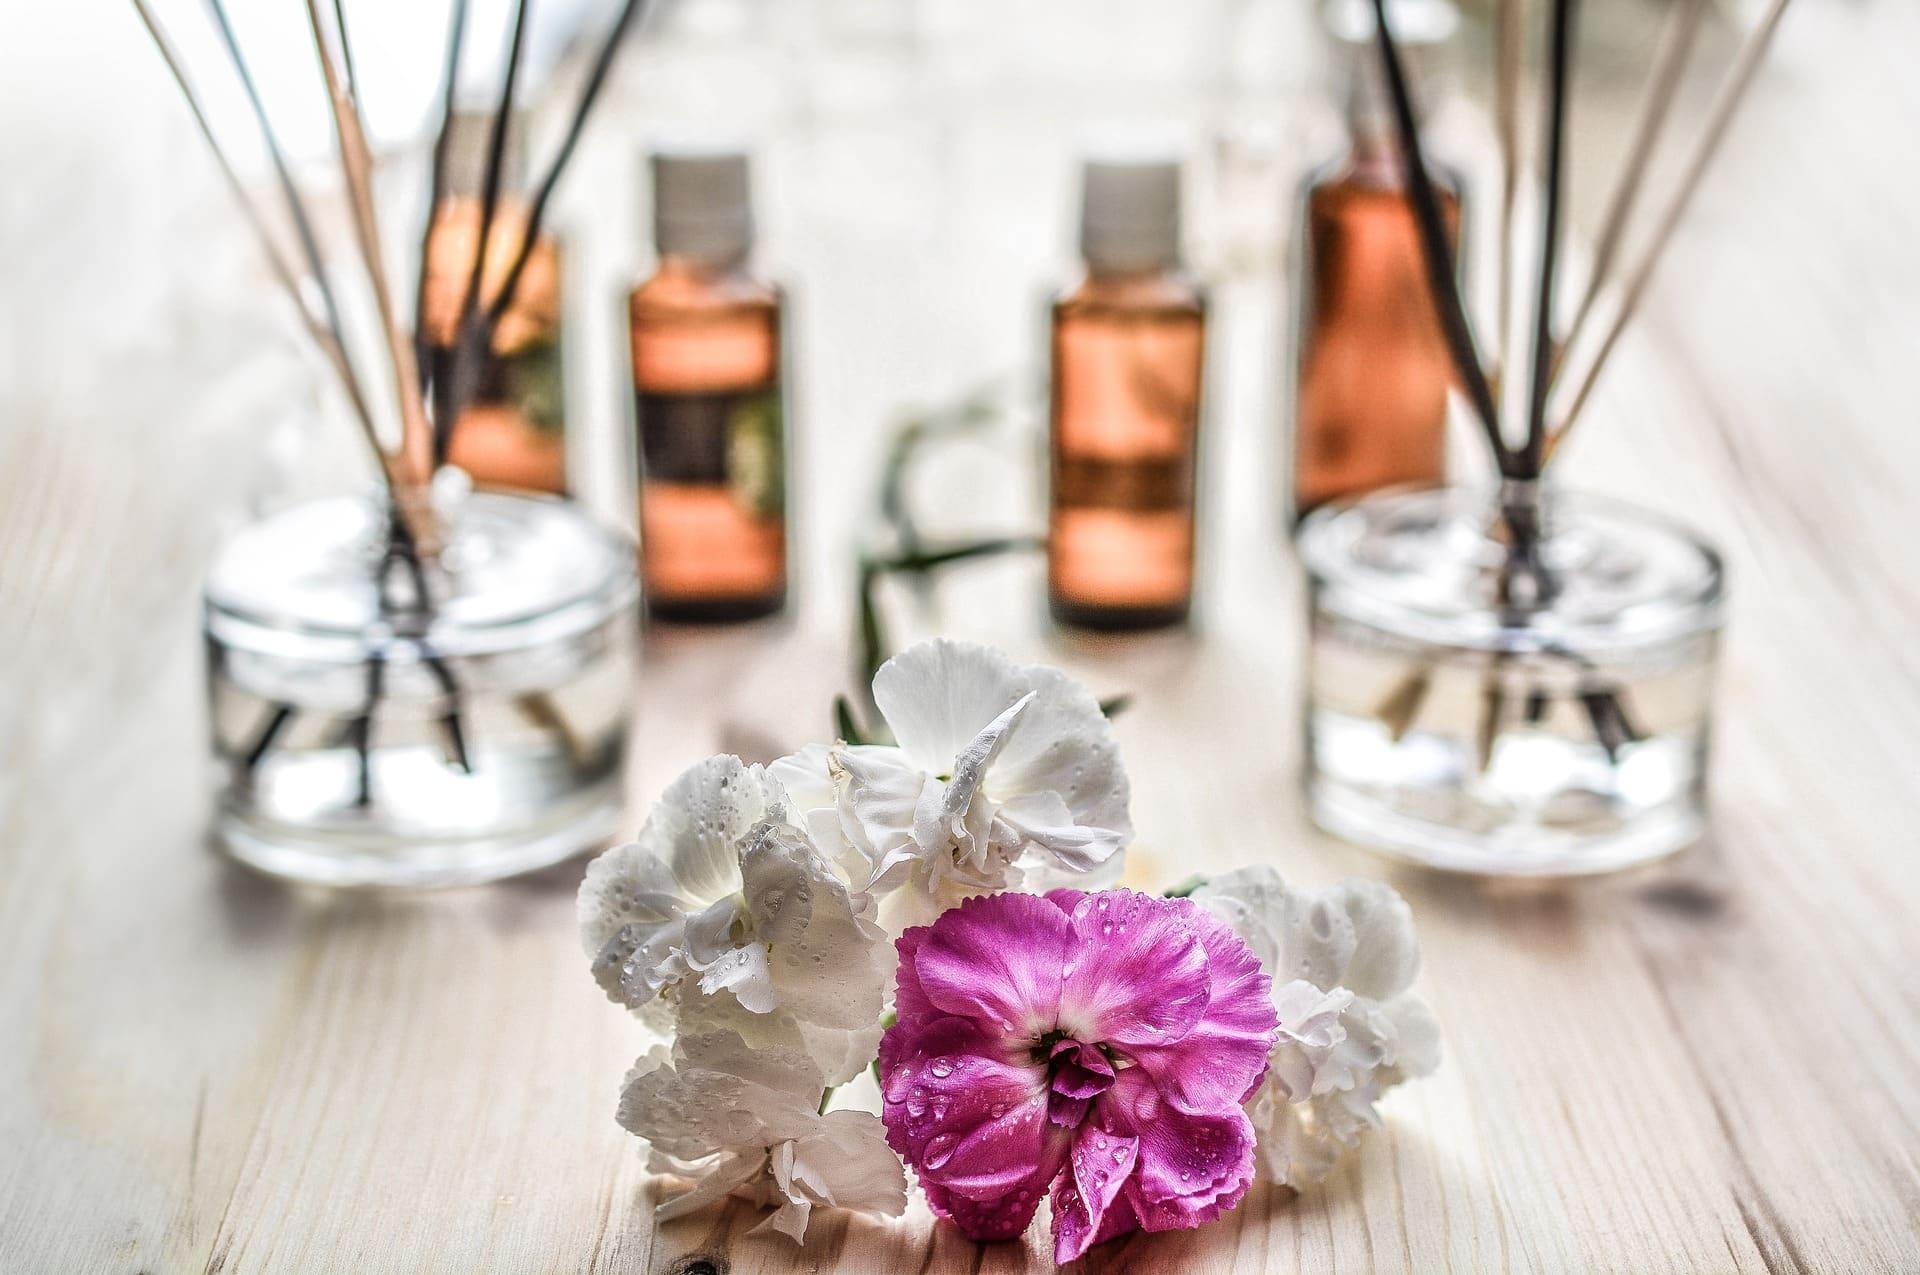 Duftstäbchen im Hintergrund hinter Blumen mit Duftöl